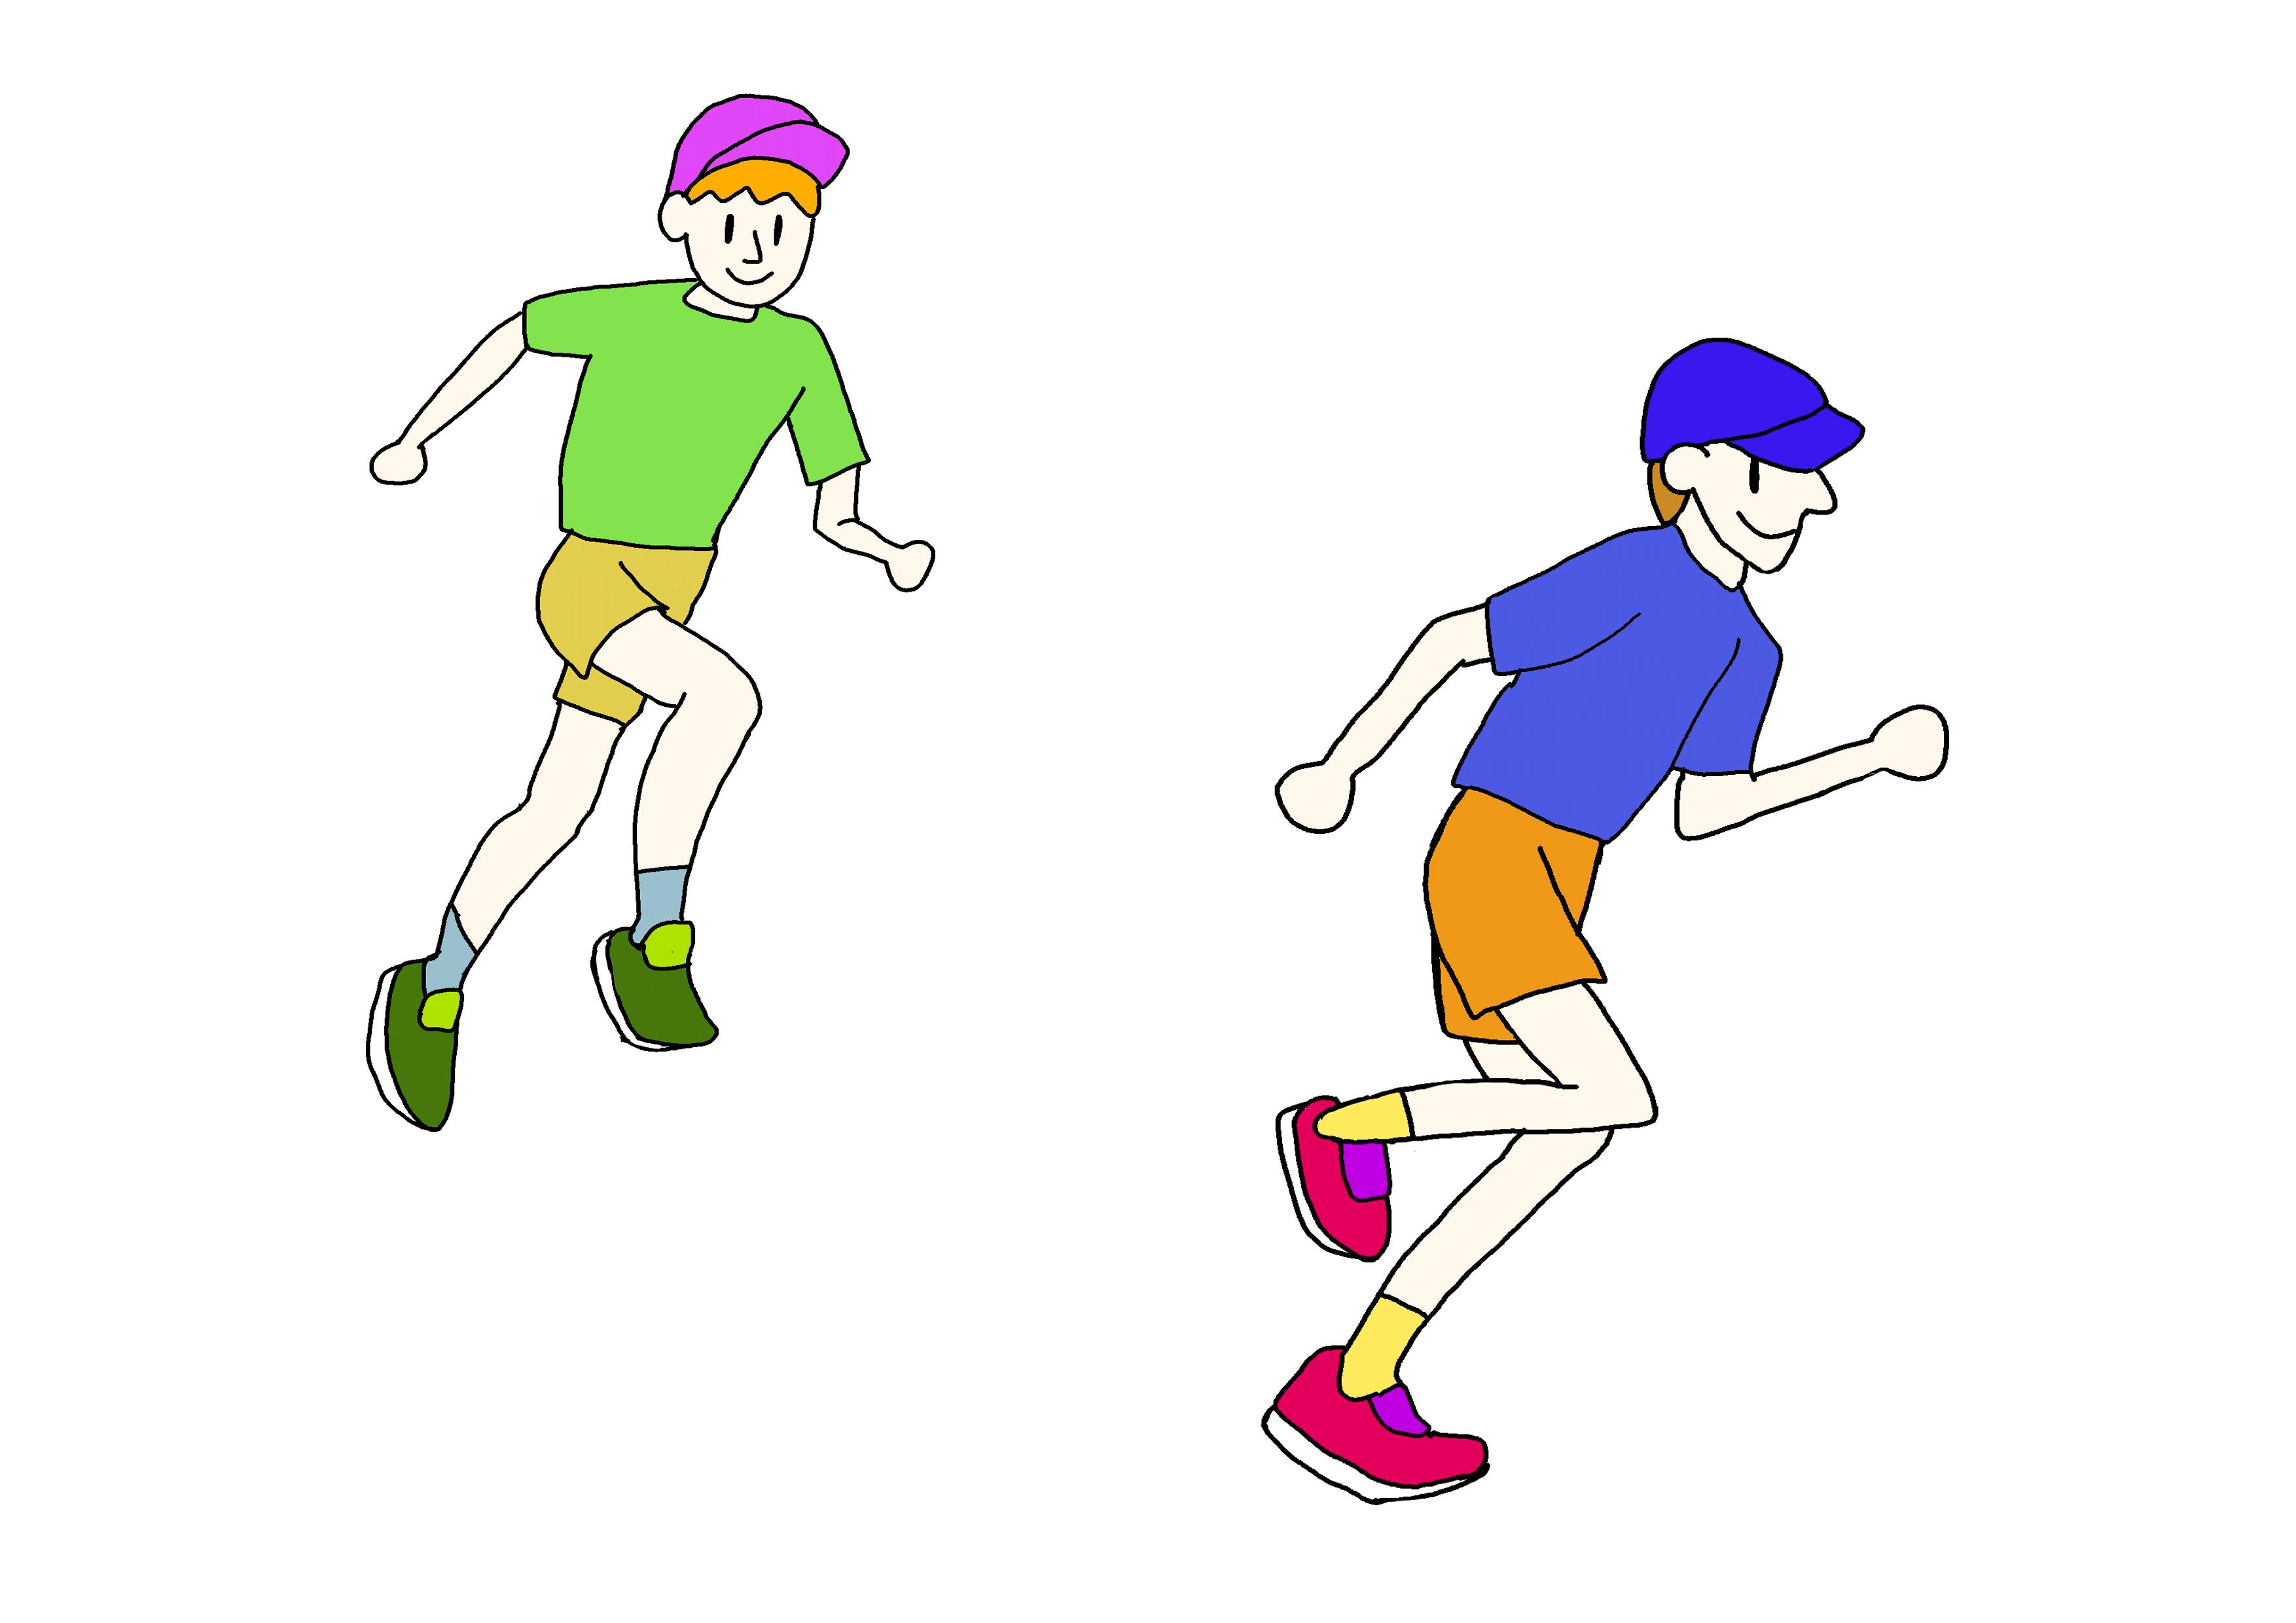 27課イラスト【走る】